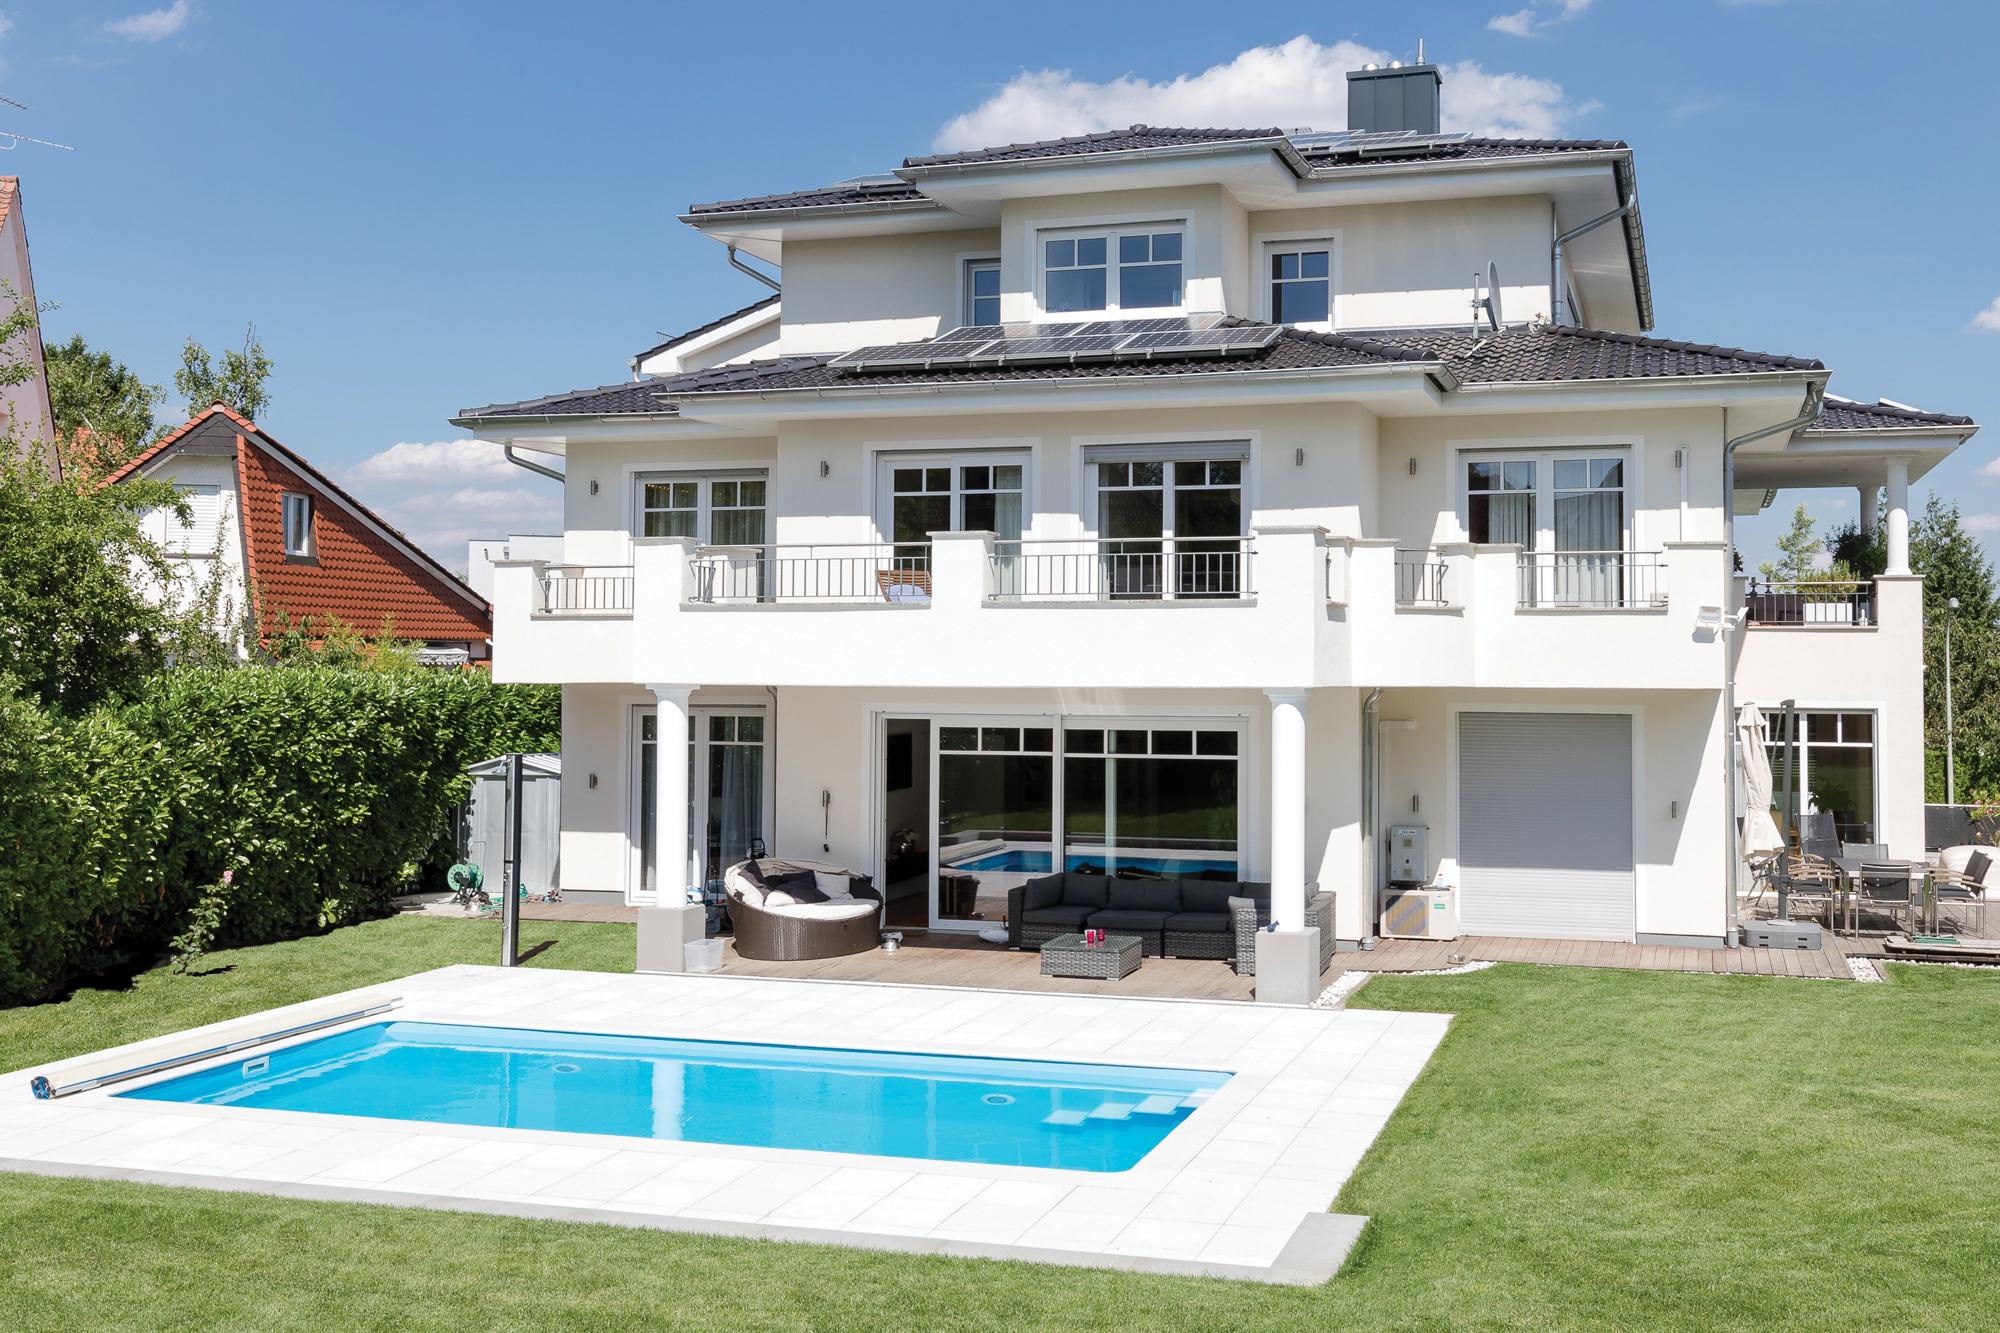 Das Schwimmbecken Gartenbad ist zudem auch in dem klassischem hellblau erhältlich